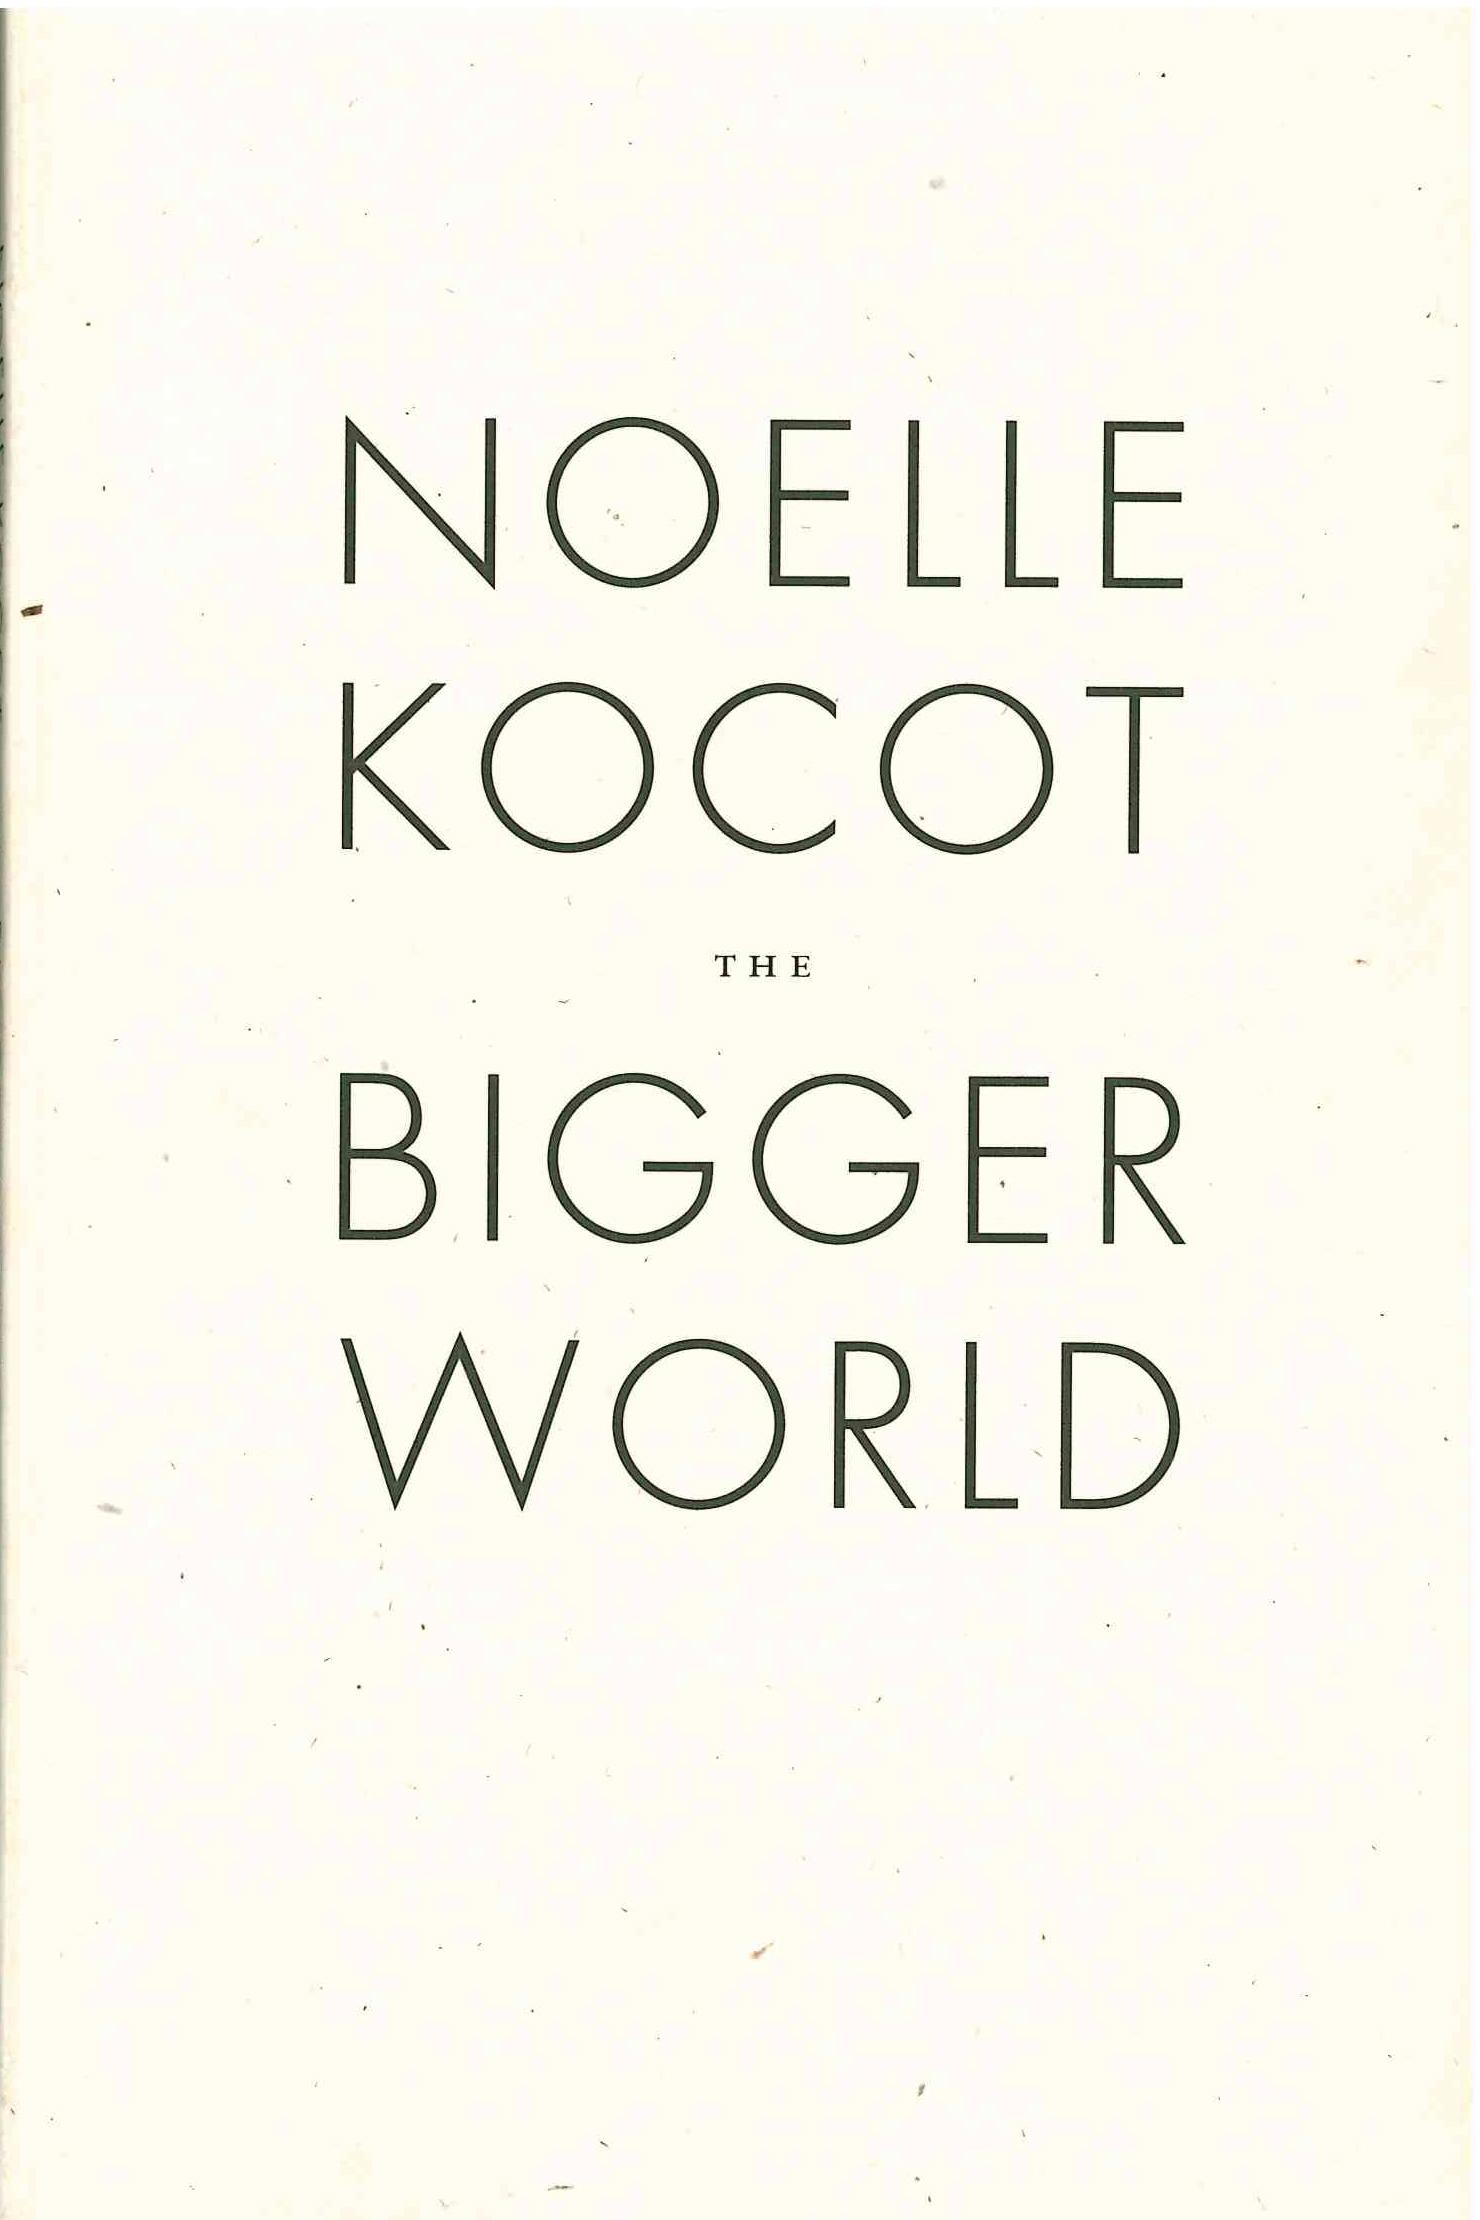 The Bigger World | Noelle Kocot | Wave Books